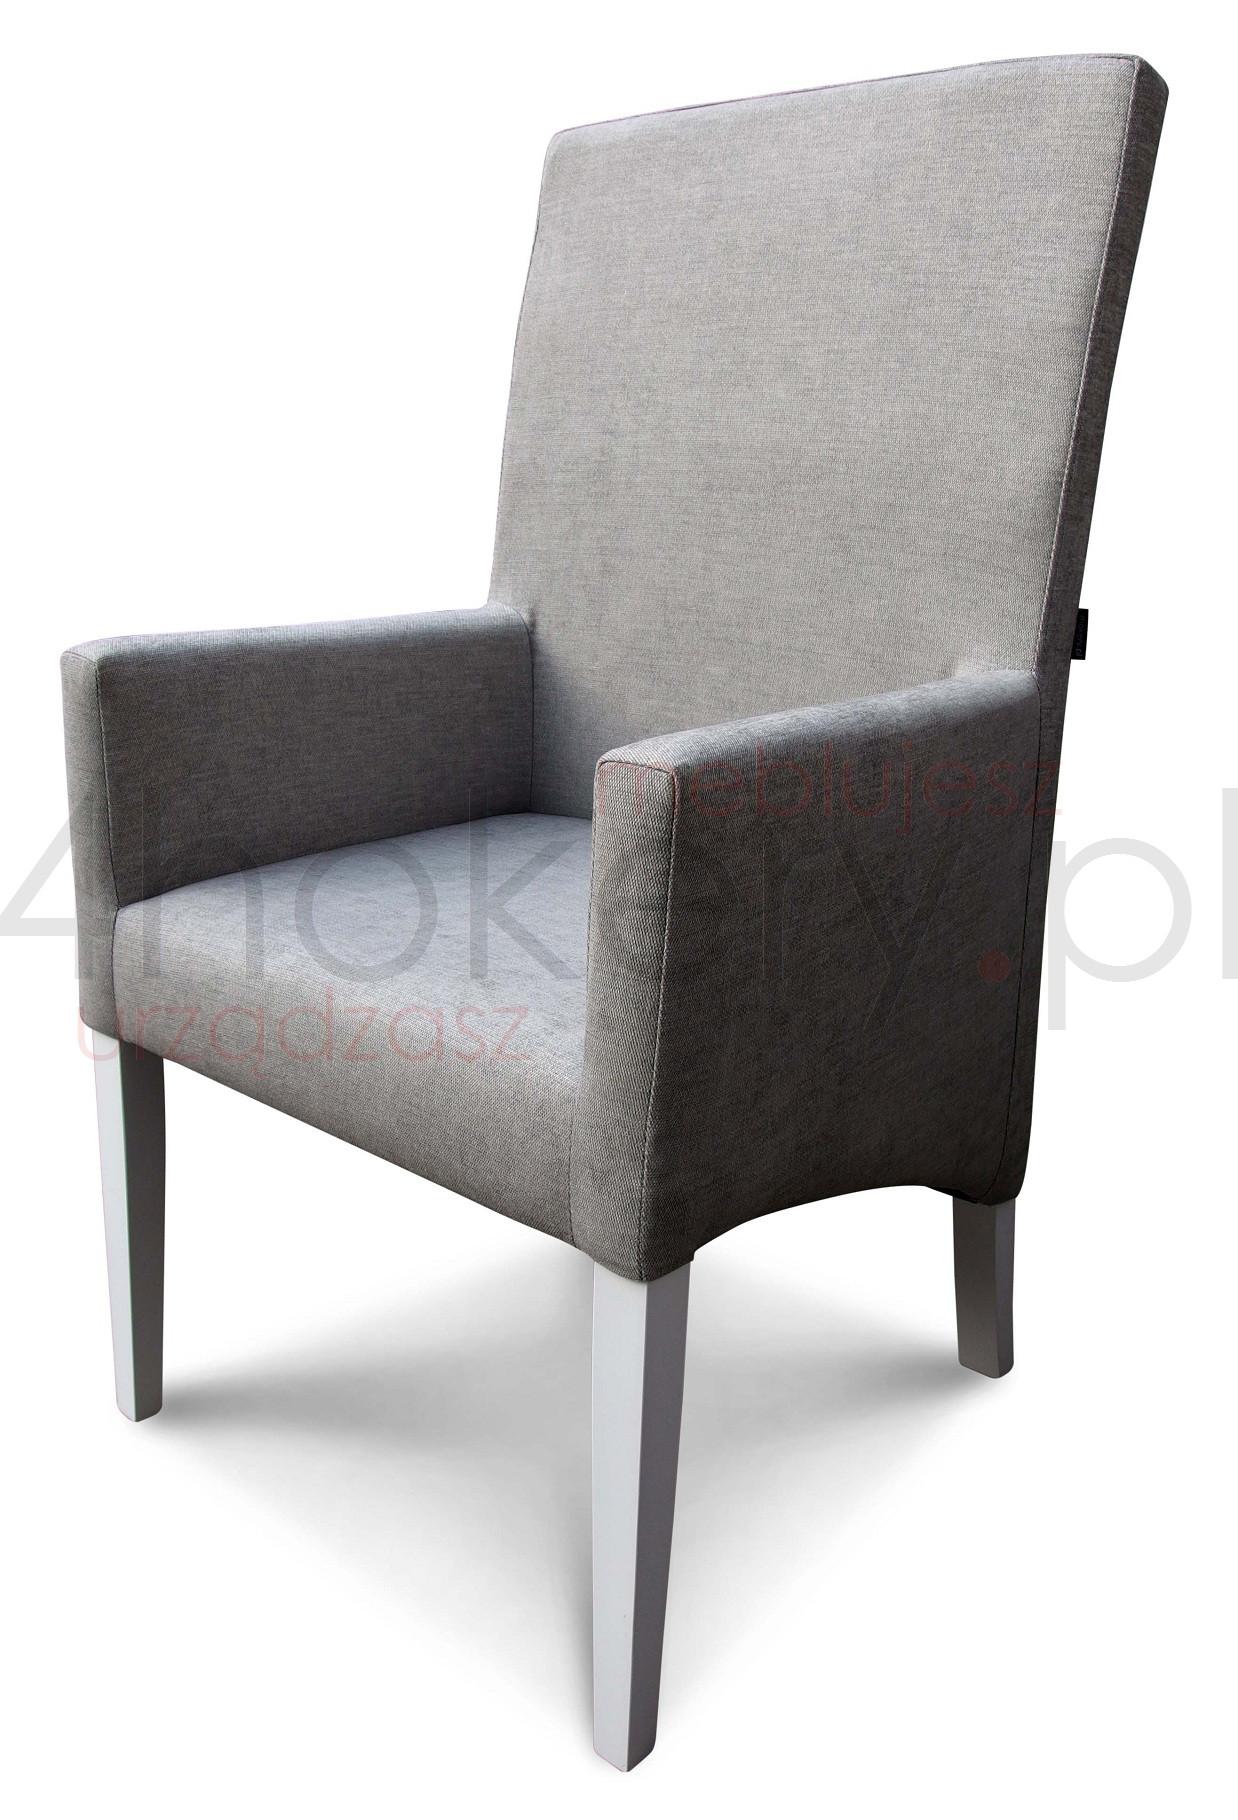 Skośny fotel konferencyjny z podłokietnikami.